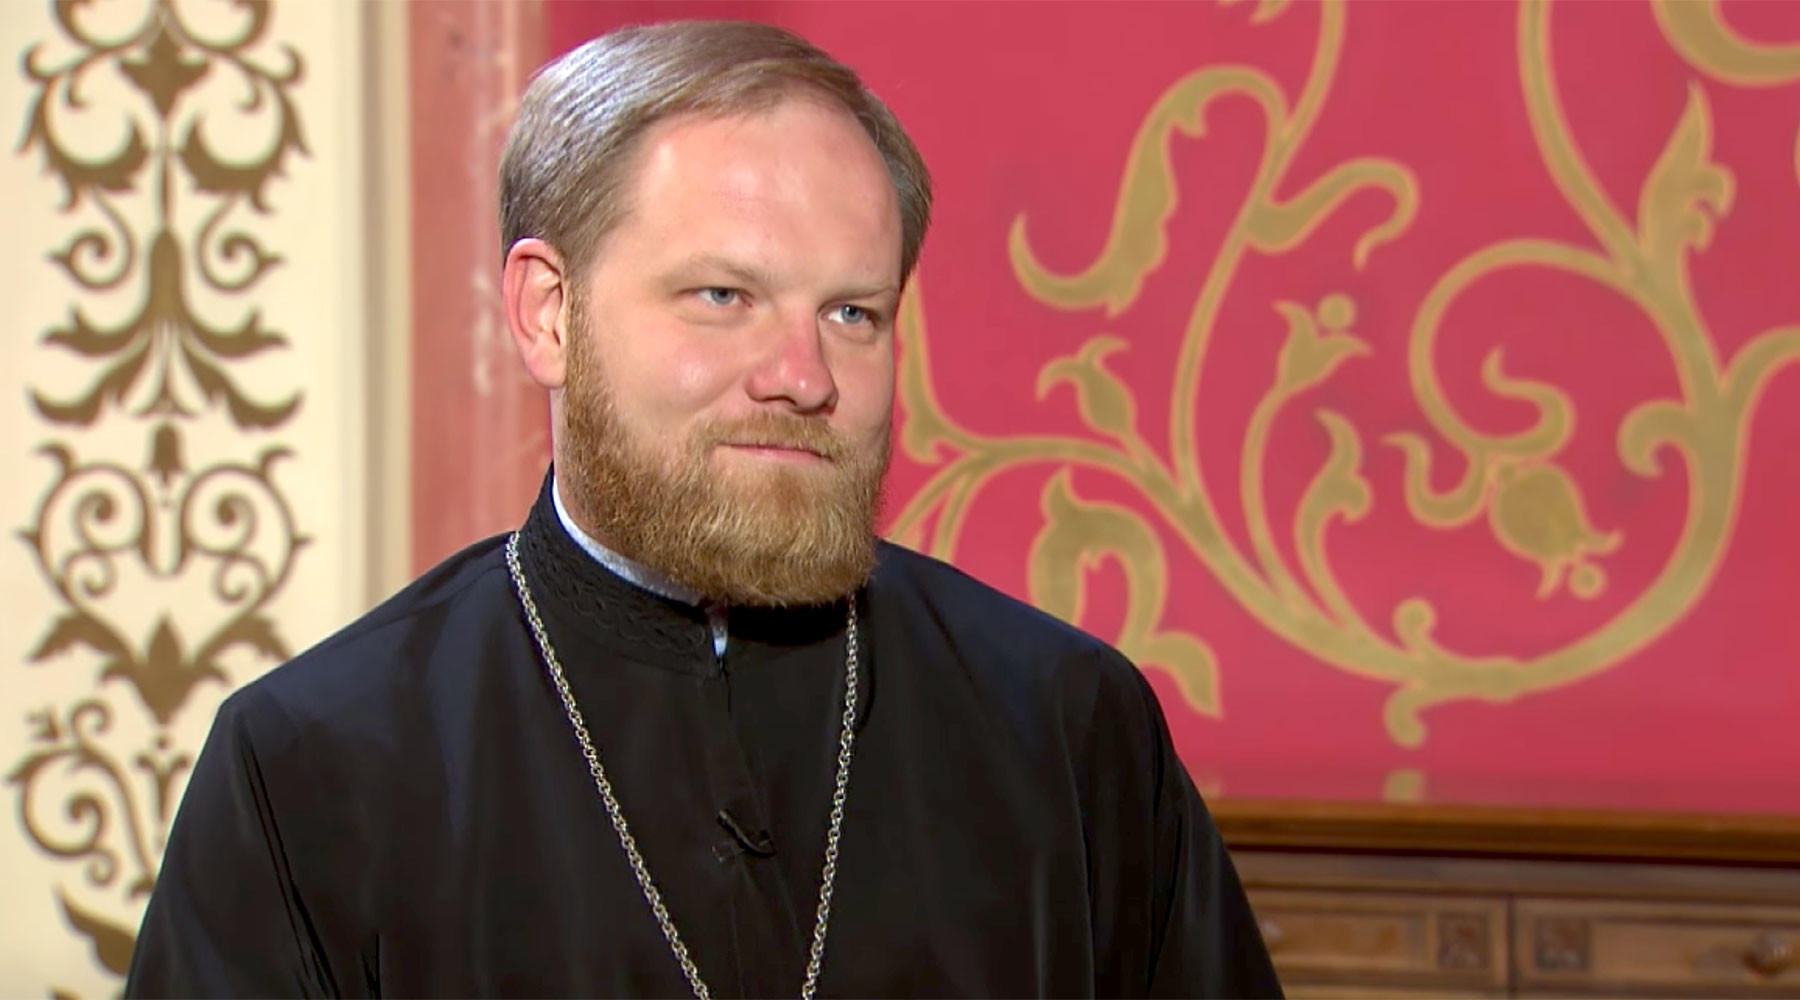 пресс-секретарь Патриарха Кирилла о дискуссии с общественностью»